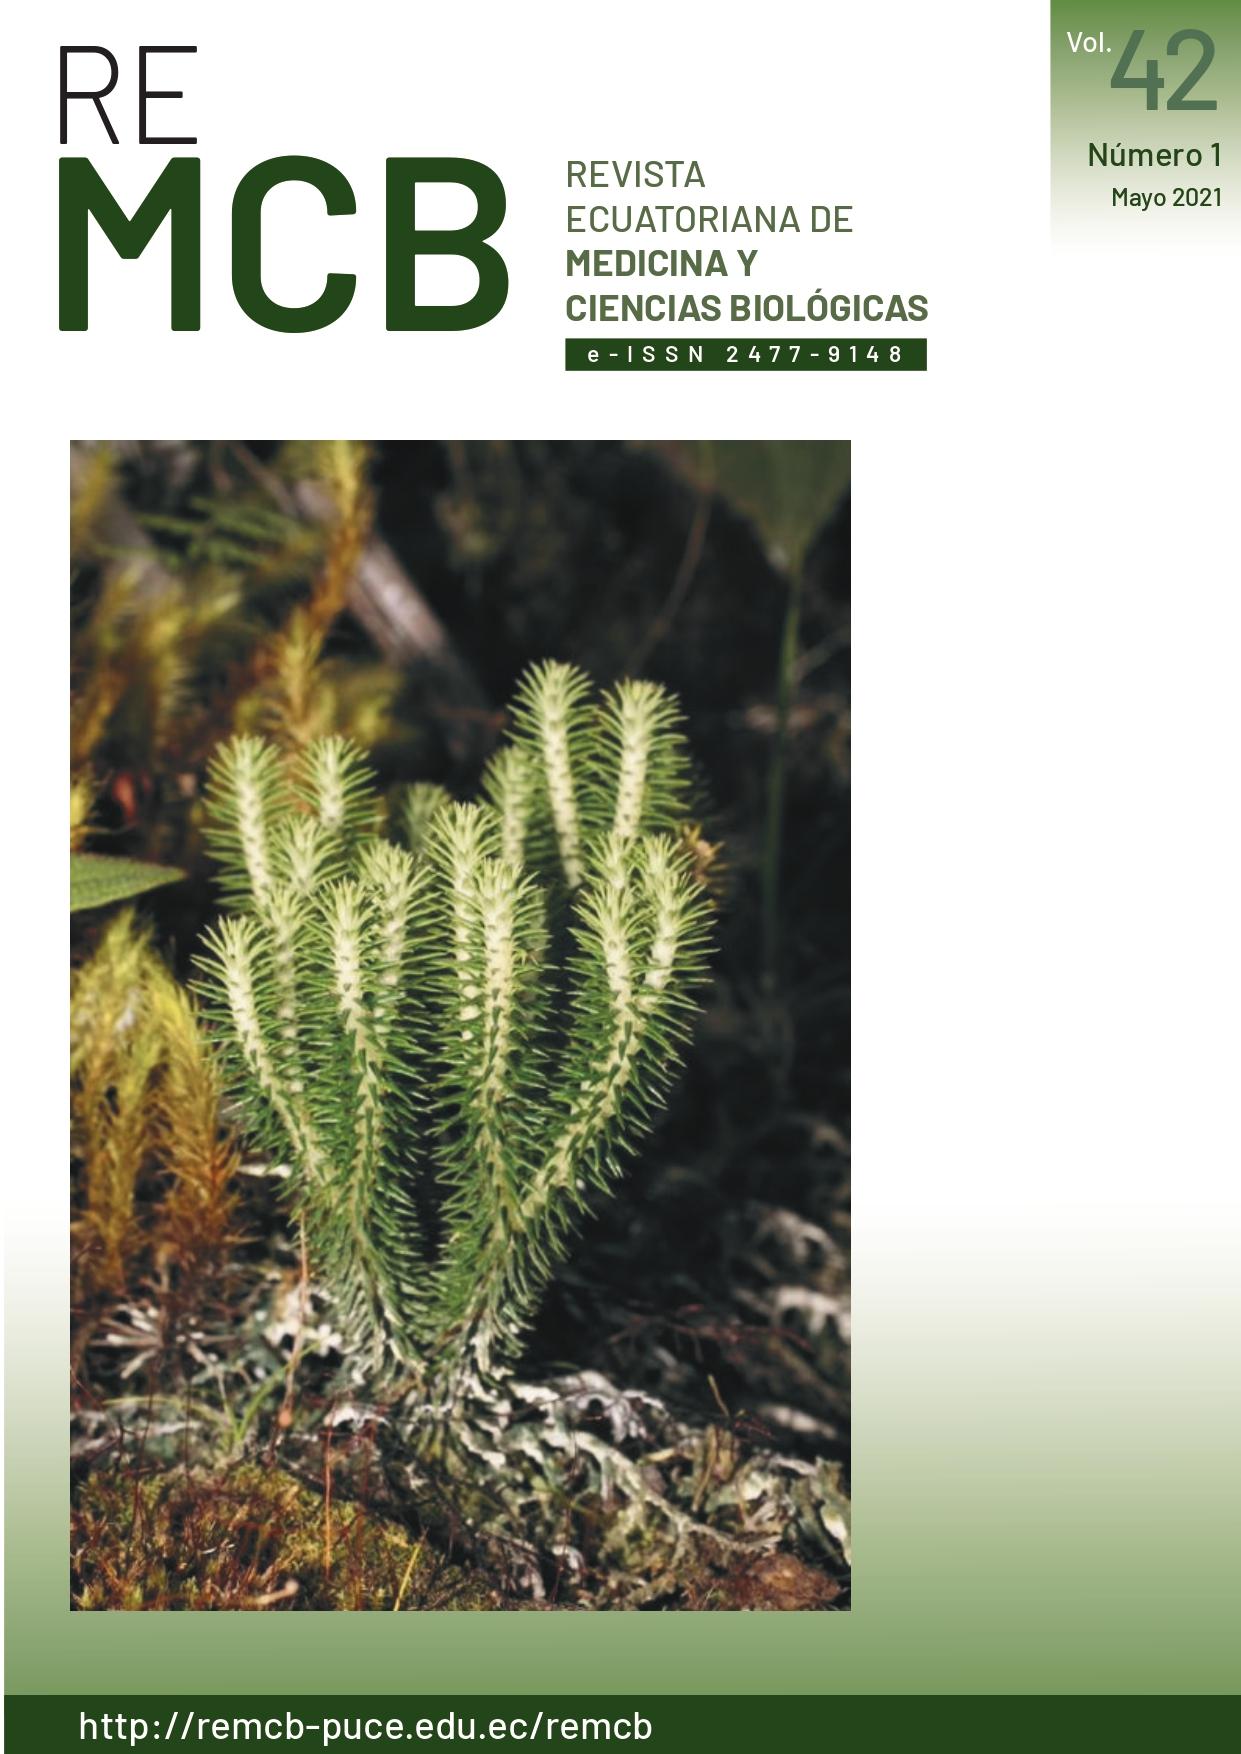 Foto portada: Robbin Moran  Phelgmariurus reflexus (Lycopodiaceae) es una licofita común y muy difundida en los trópicos  americanos. Se la puede distinguir fácilmente de otros géneros tropicales, por presentar tallos  isodicotómicos (tallos que se dividen igualmente en dos partes). Presenta hojas sésiles, enteras y  uninervadas. La foto representa a un espécimen encontrado al borde del carretero en la provincia de  Imbabura, a 35 km al oeste de Otavalo